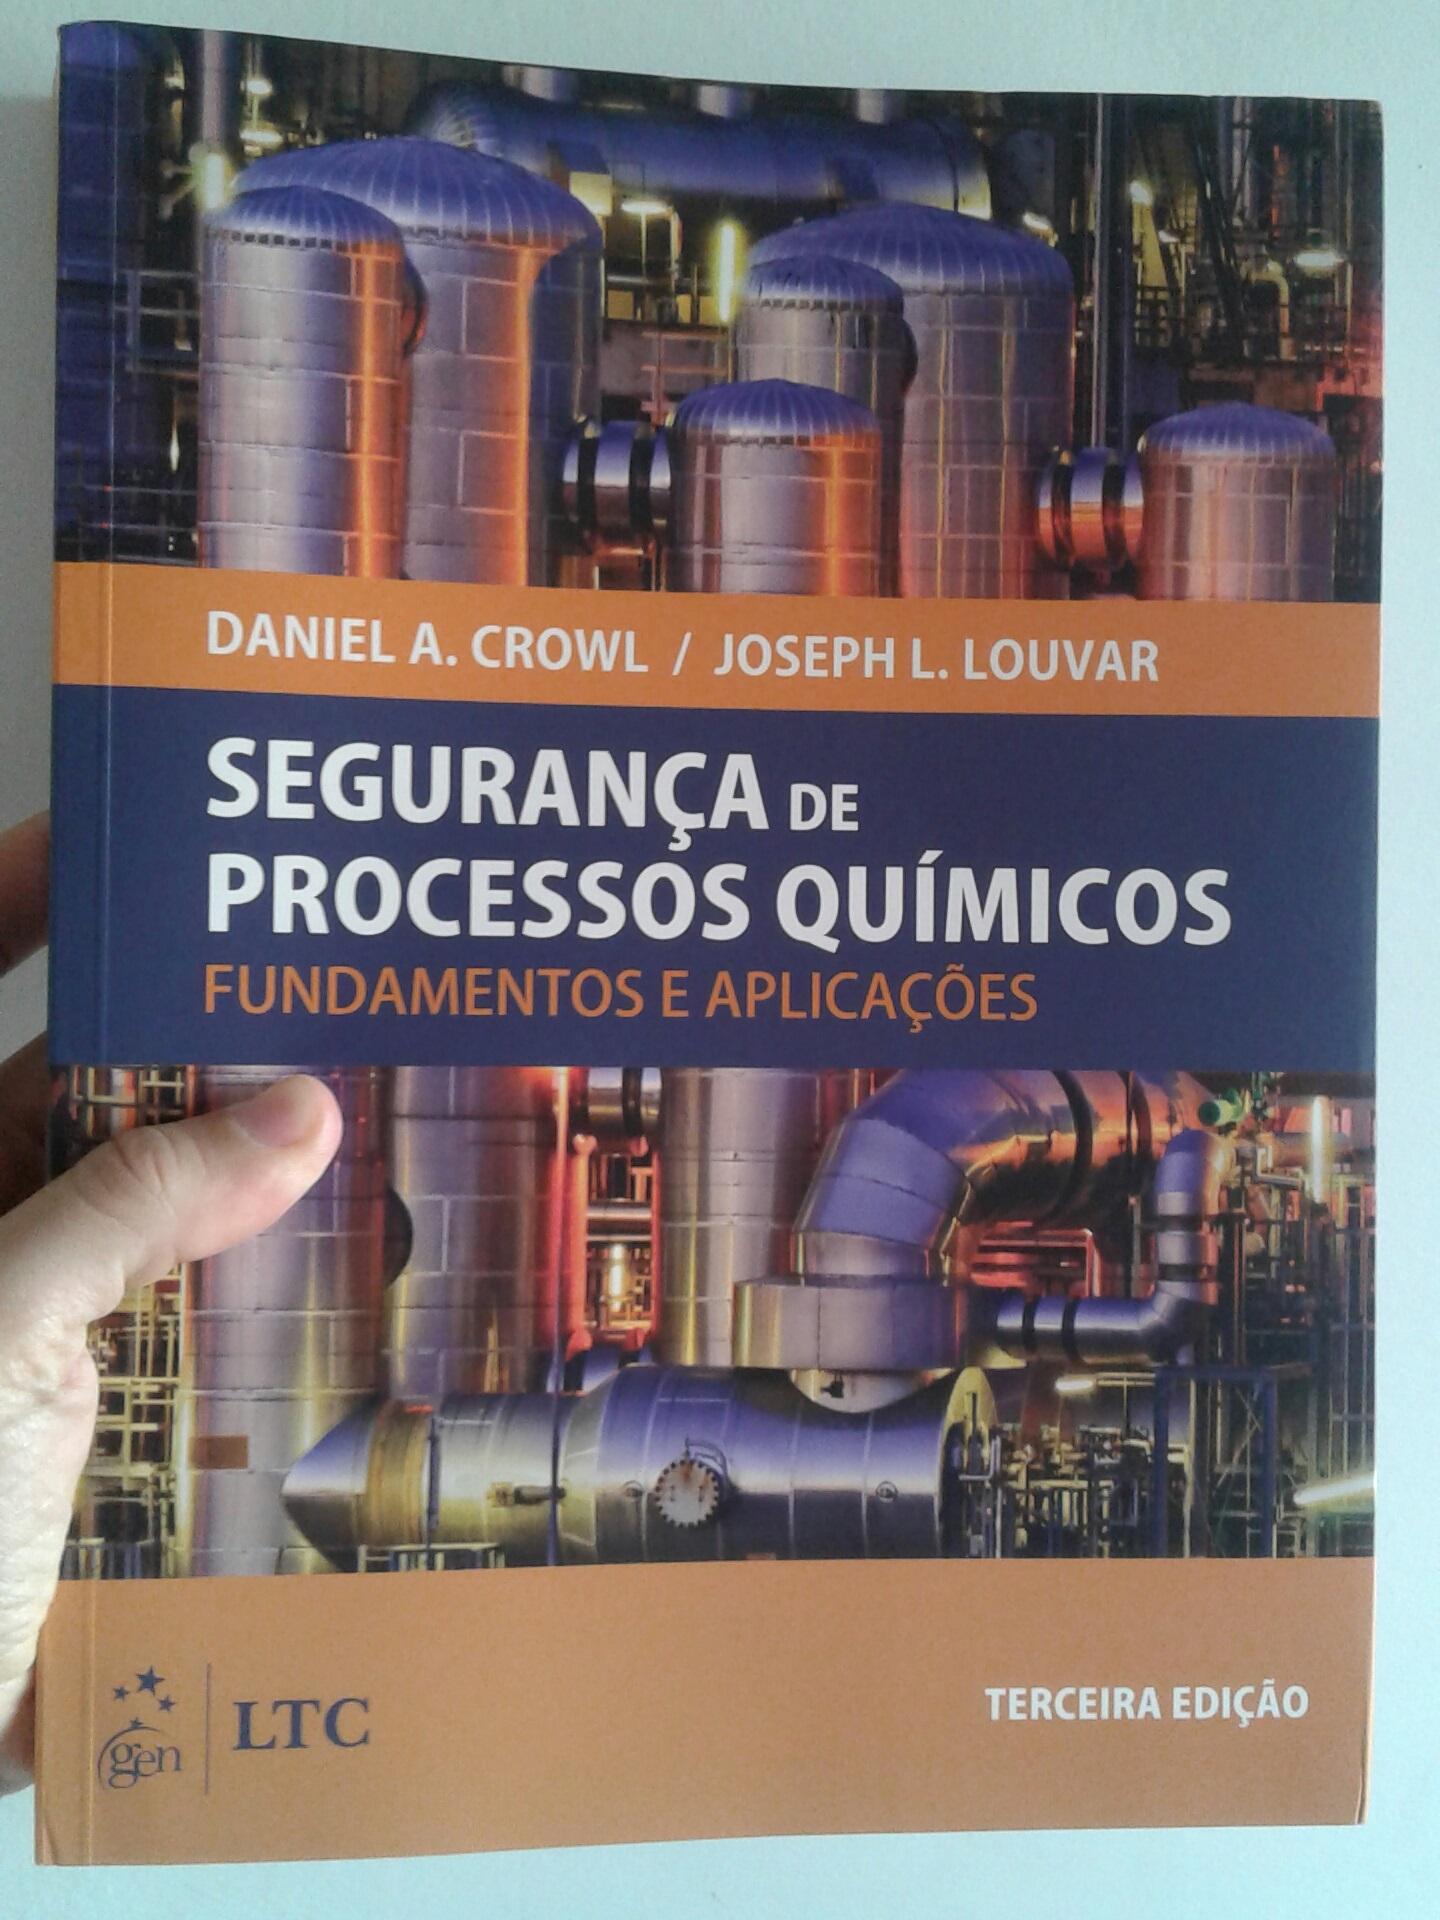 Segurança de Processos Químicos